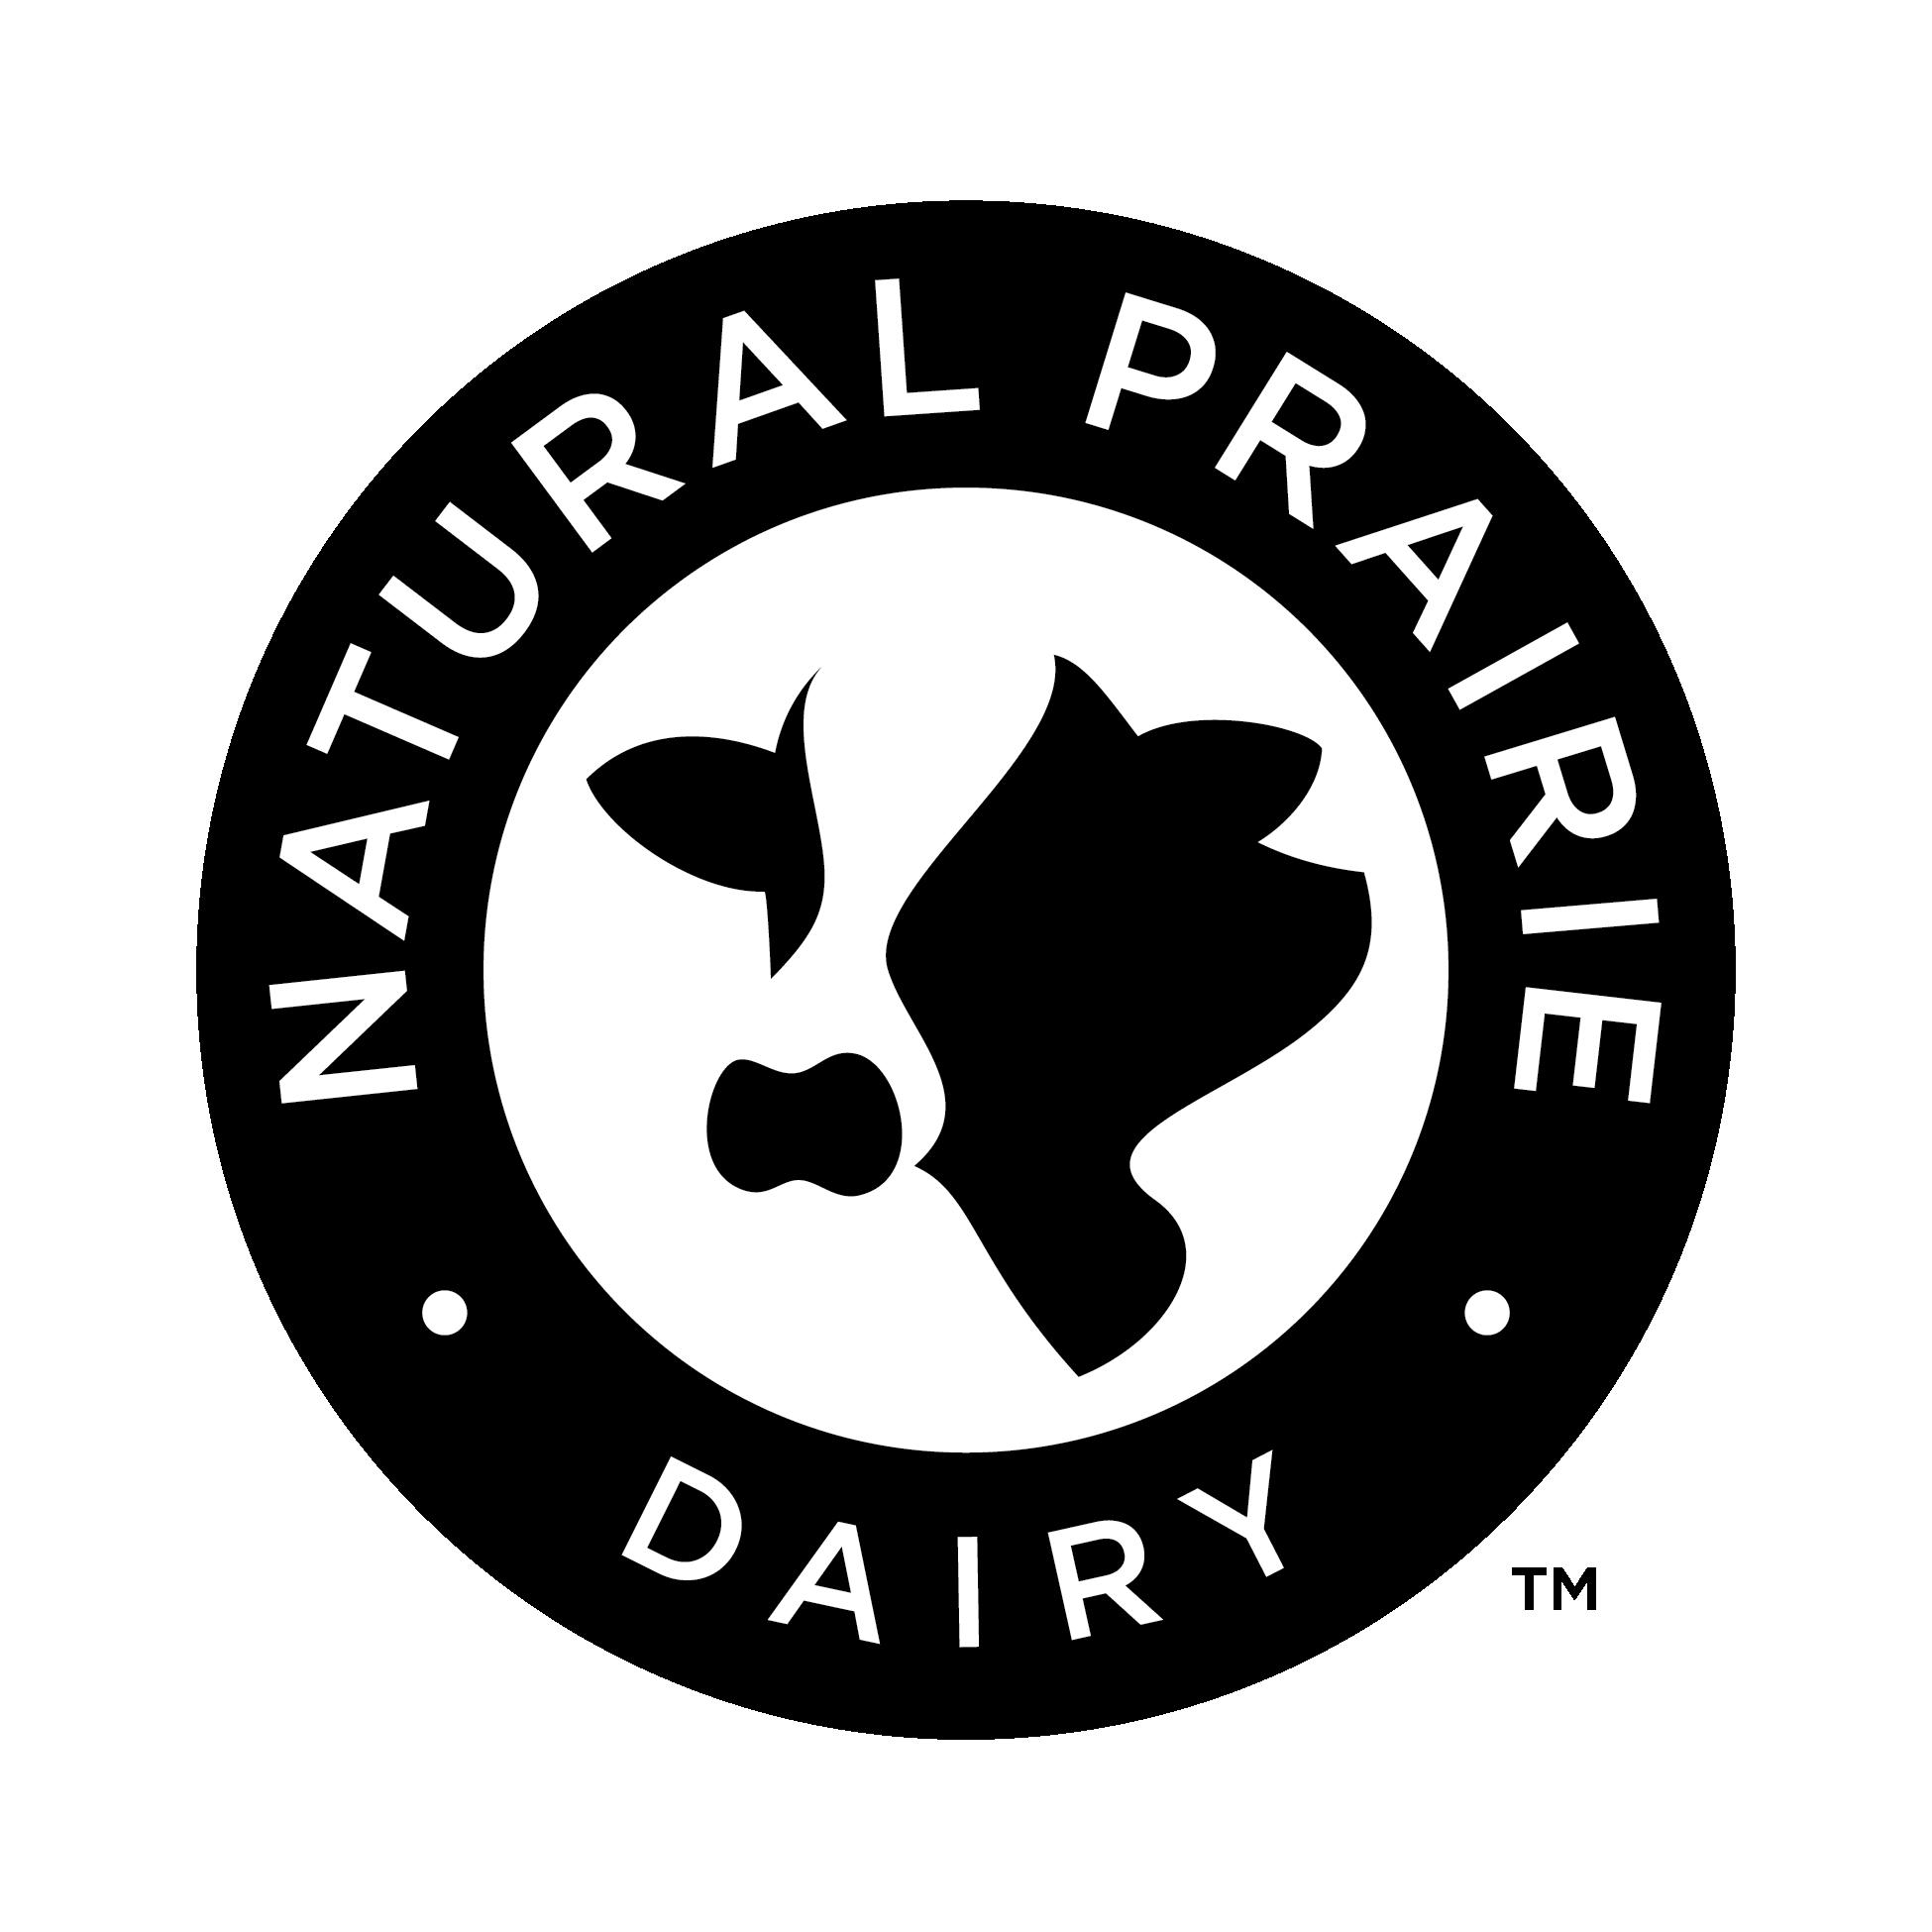 Natural Prairie Dairy Farms